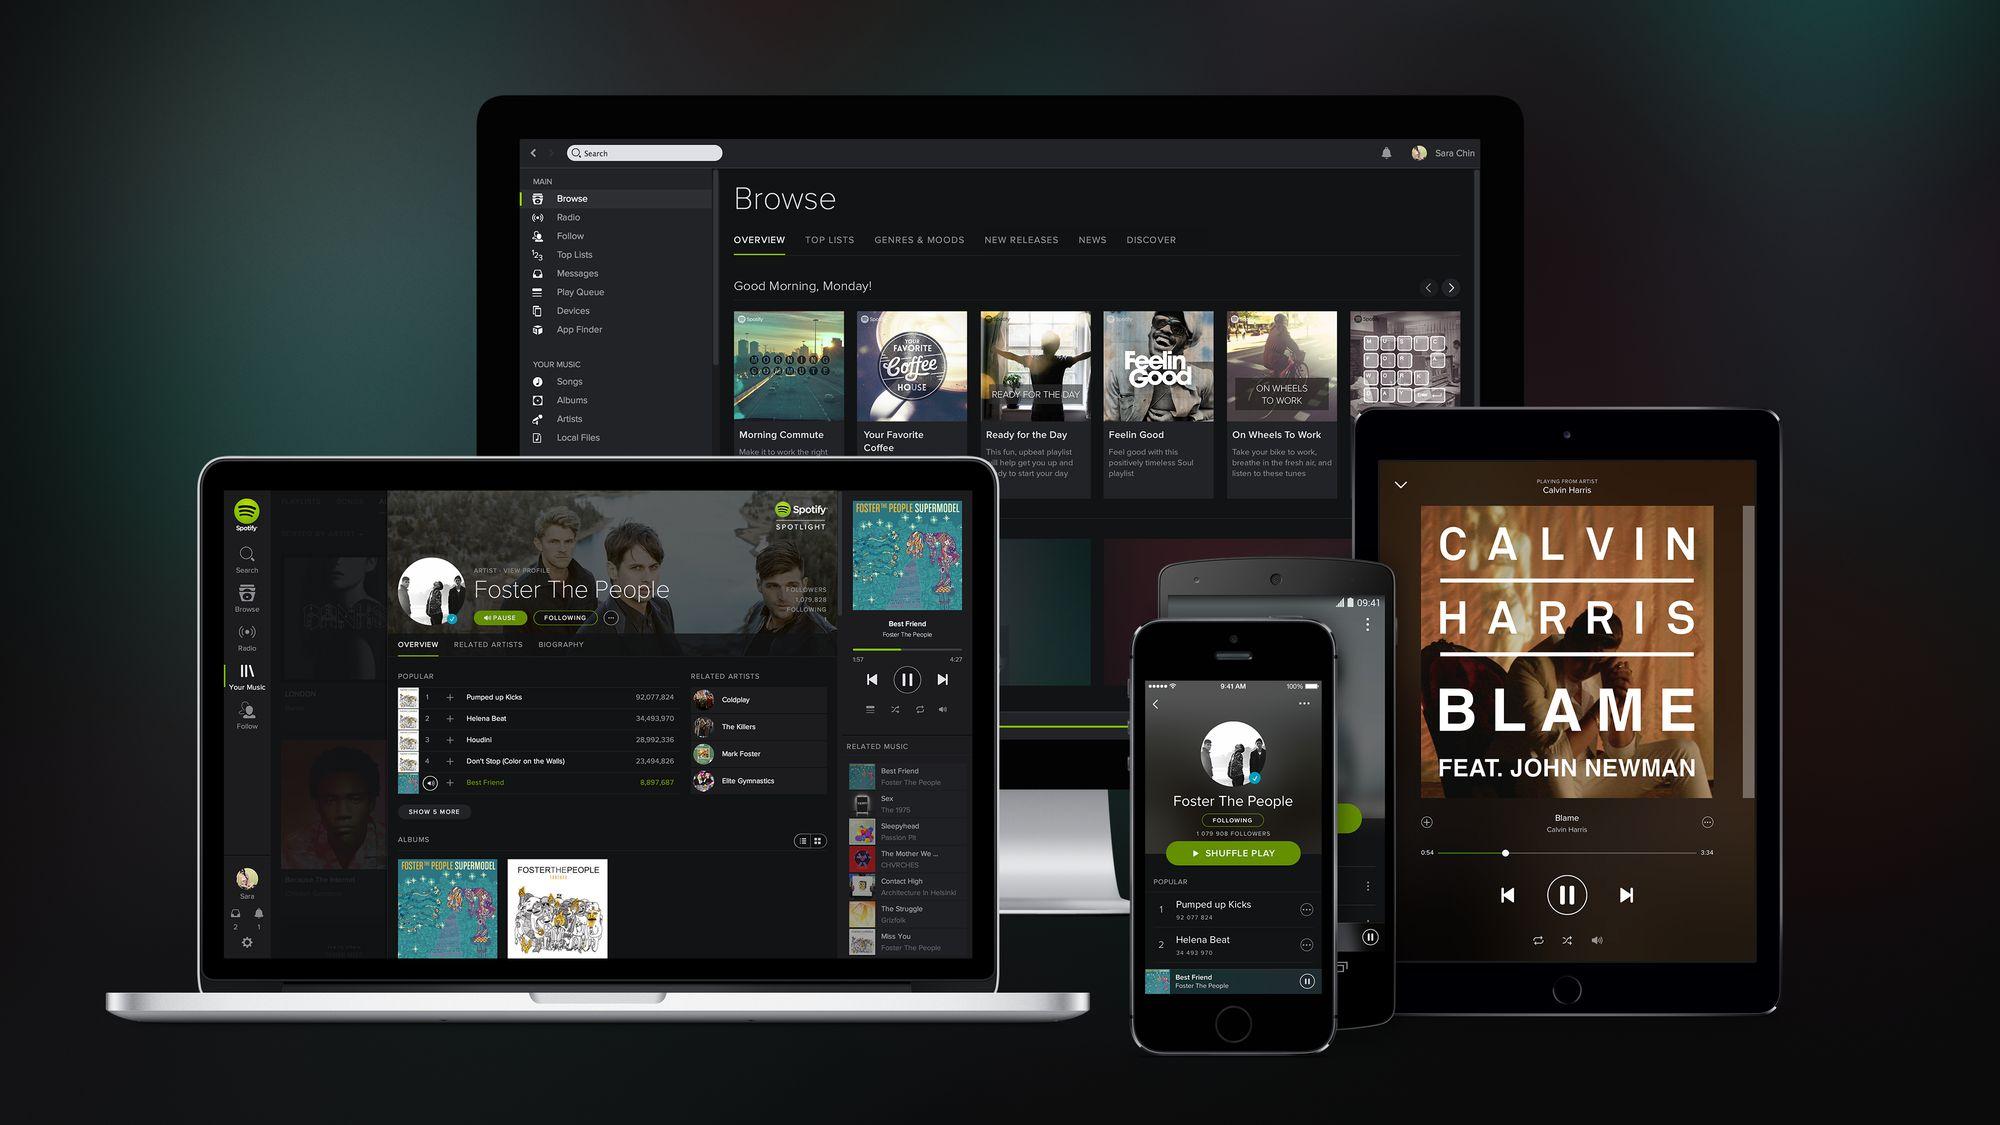 Spotify revendique maintenant 100 millions d'utilisateurs actifs